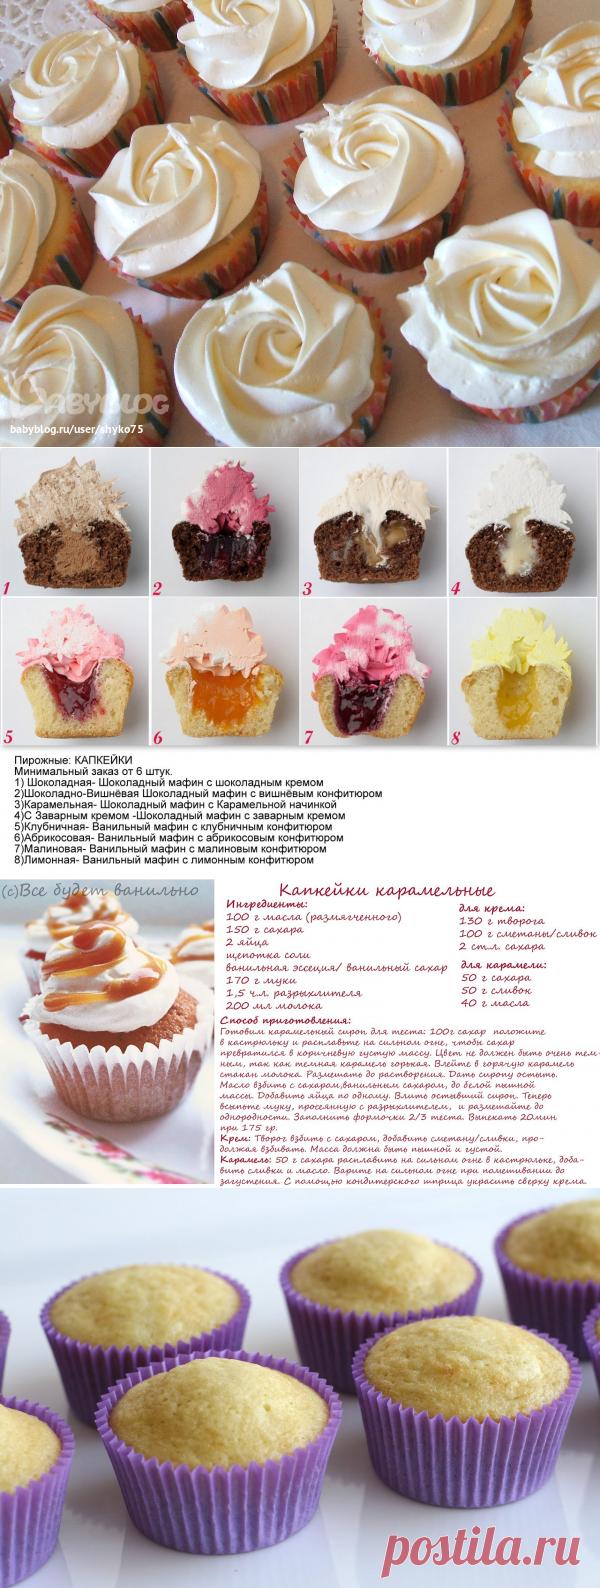 пирожное капкейк рецепт с фото